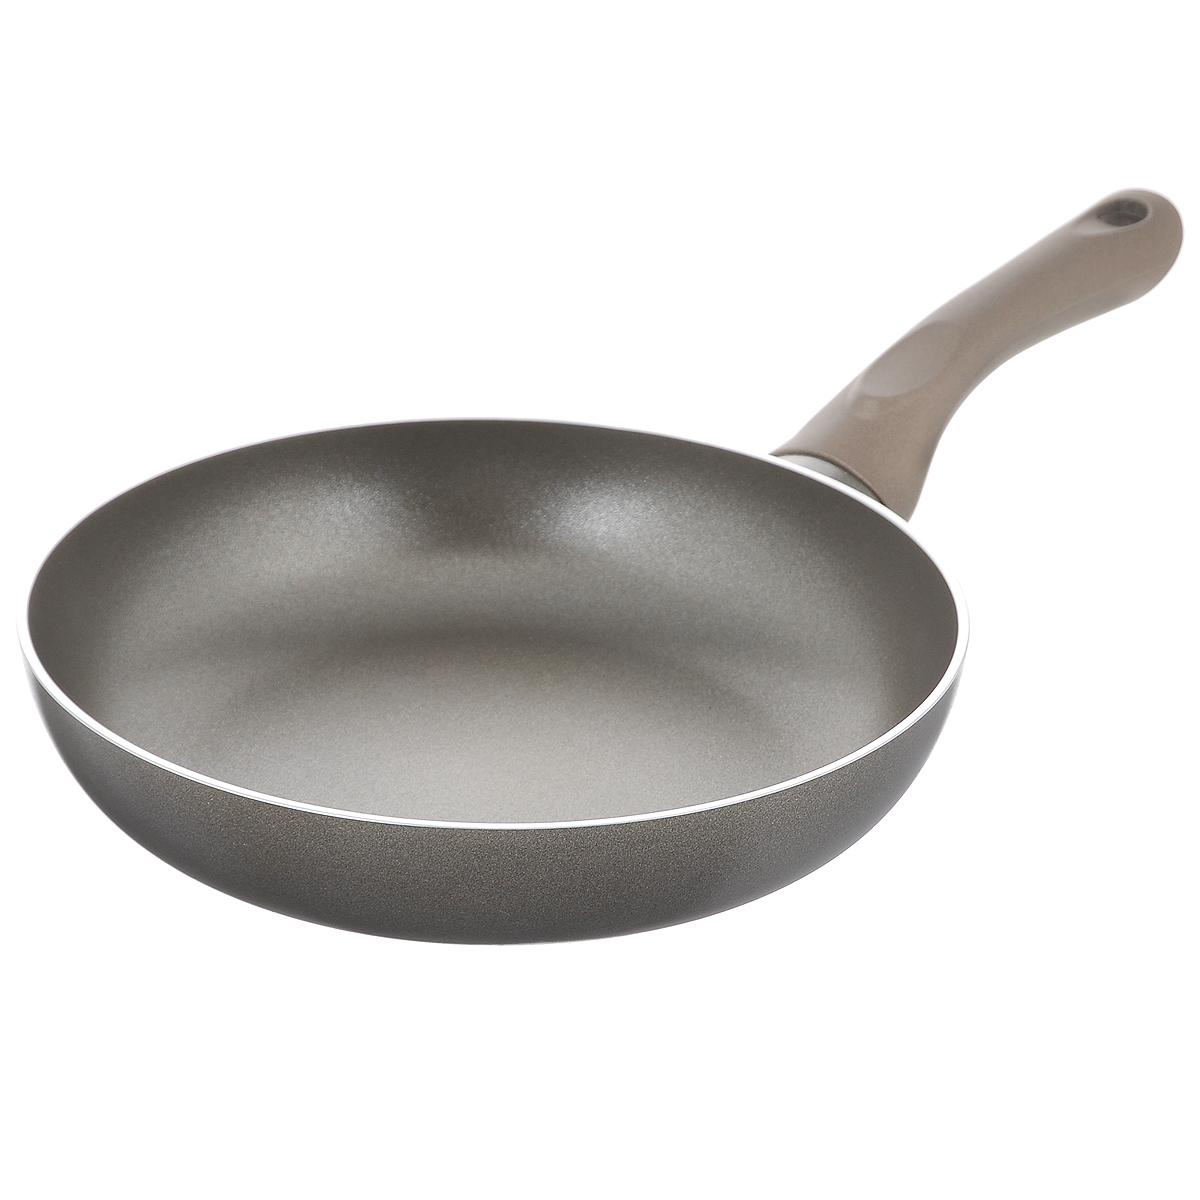 Сковорода Beka Platinum, с антипригарным покрытием. Диаметр 24 см40097244Сковорода Beka Platinum изготовлена из алюминия с антипригарным покрытием. Это экологически чистое покрытие, которое безопасно для здоровья человека, так как не содержит вредных соединений PFOA. В случае перегрева не выделяет опасных веществ. В сковороде с таким покрытием пища не пригорает и не прилипает к стенкам, поэтому готовить можно с минимальным количеством масла. Максимальная температура нагрева +220°C. Сковорода снабжена удобной пластиковой ручкой. Рекомендуется использовать деревянные или пластиковые лопатки. Подходит для приготовления пищи на газовых, электрических, керамических и галогеновых плитах. Не пригодна для приготовления пищи на индукционной плите. Можно мыть в посудомоечной машине.